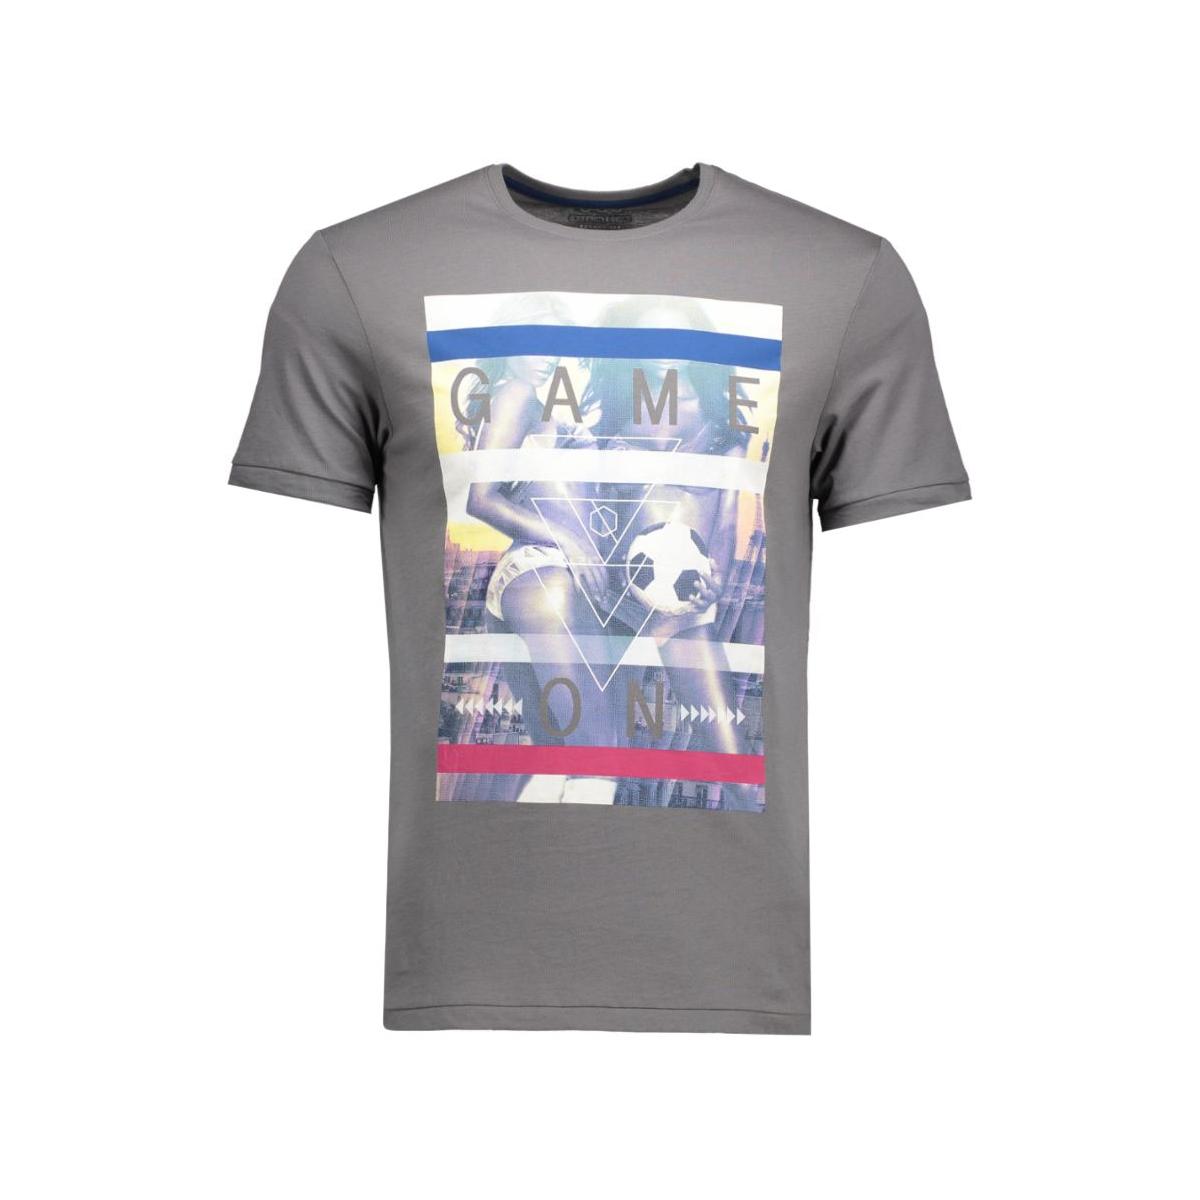 066cc2k044 edc t-shirt c030